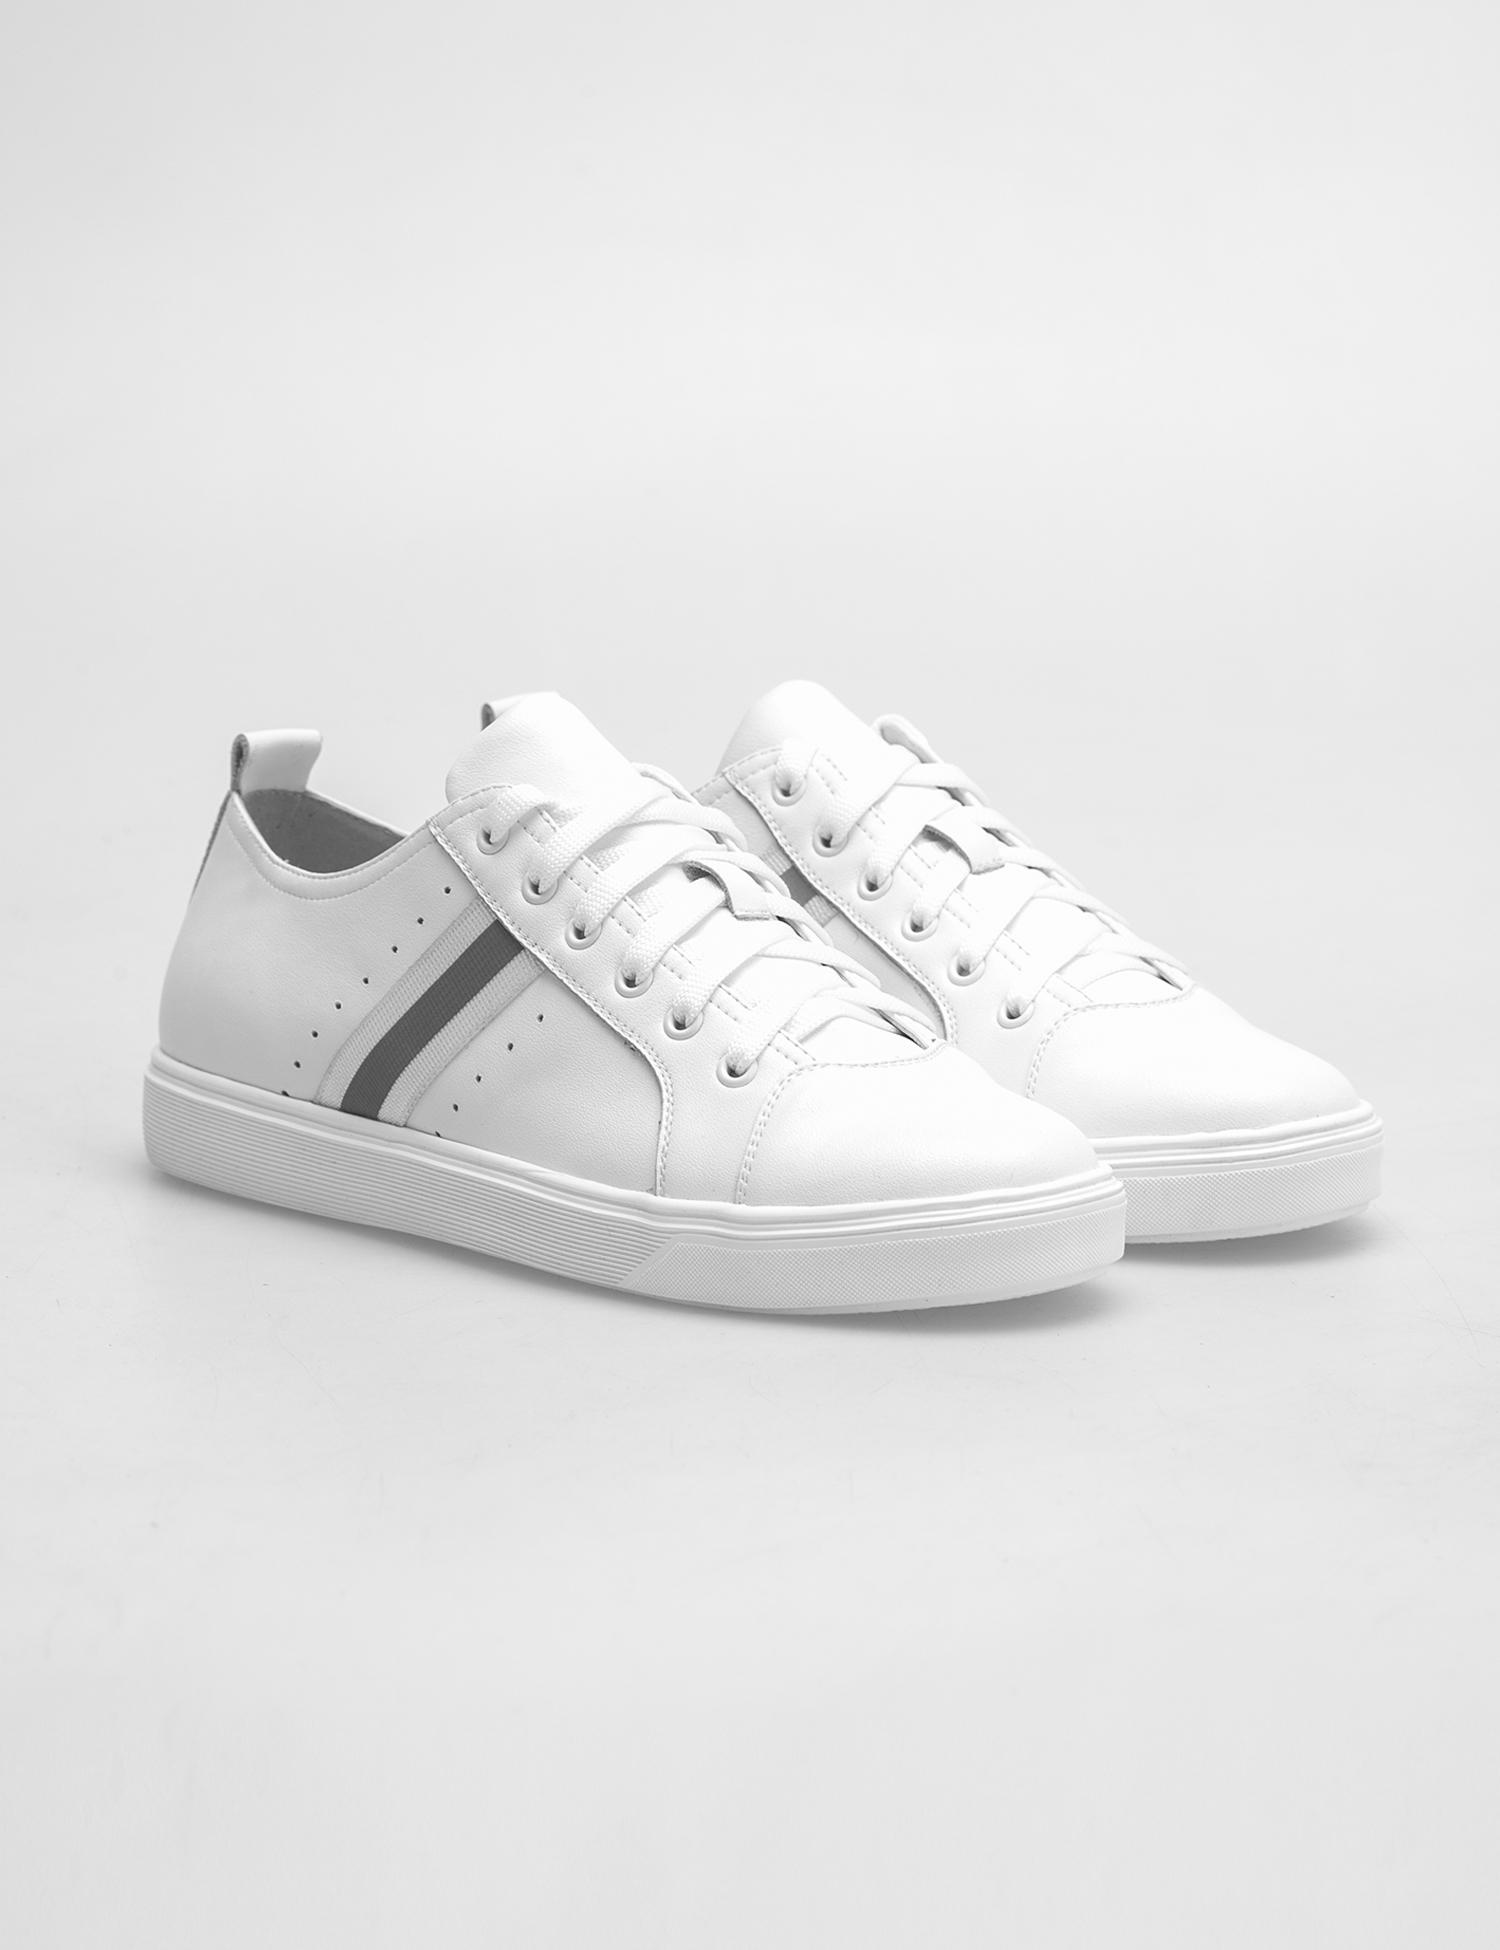 Кросівки  жіночі Кеды 75708180-1 белая кожа 75708180-1 модне взуття, 2017